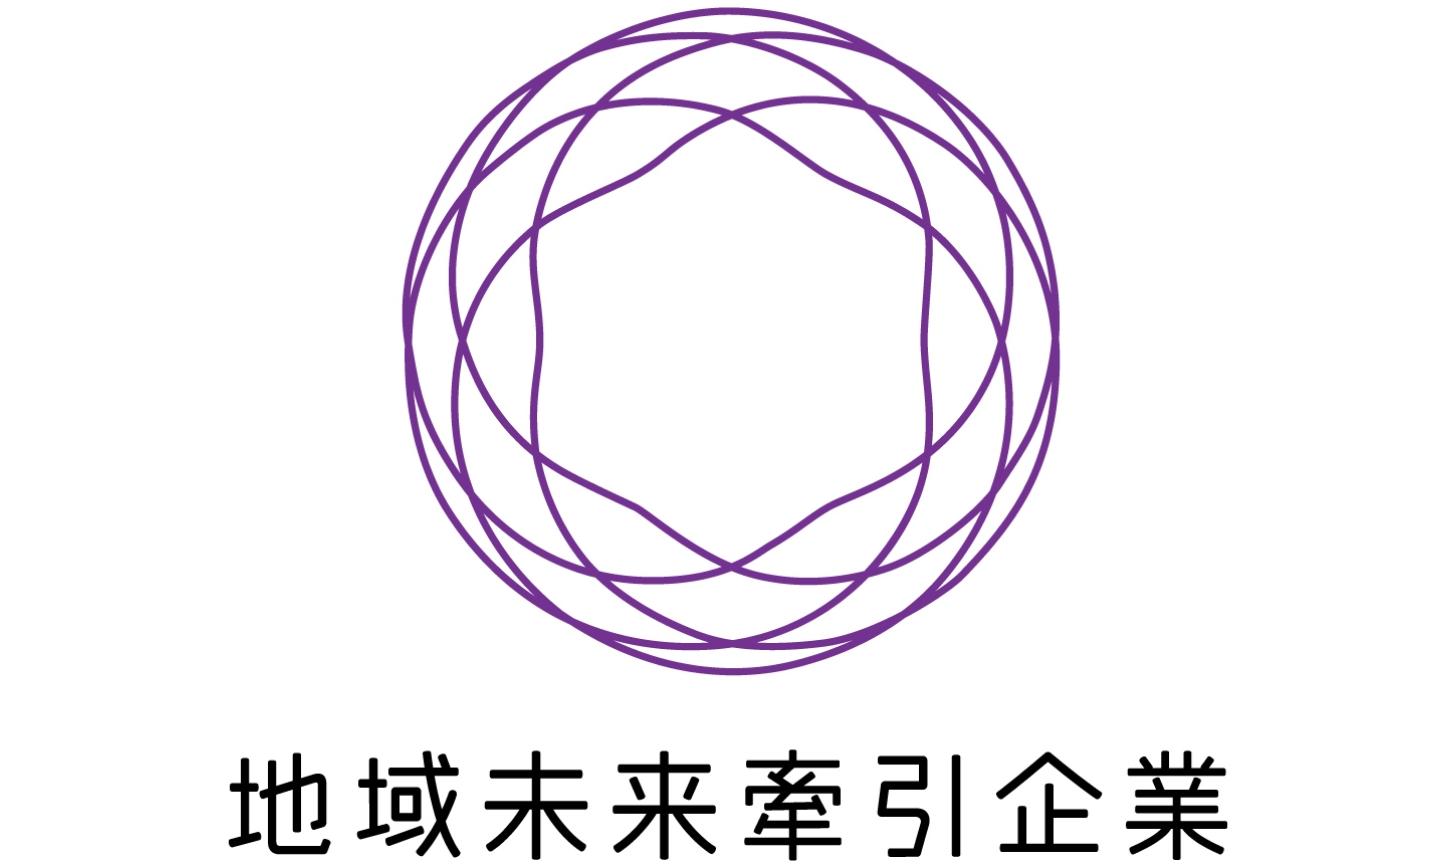 経済産業省より「地域未来牽引企業」の選定を受けました。